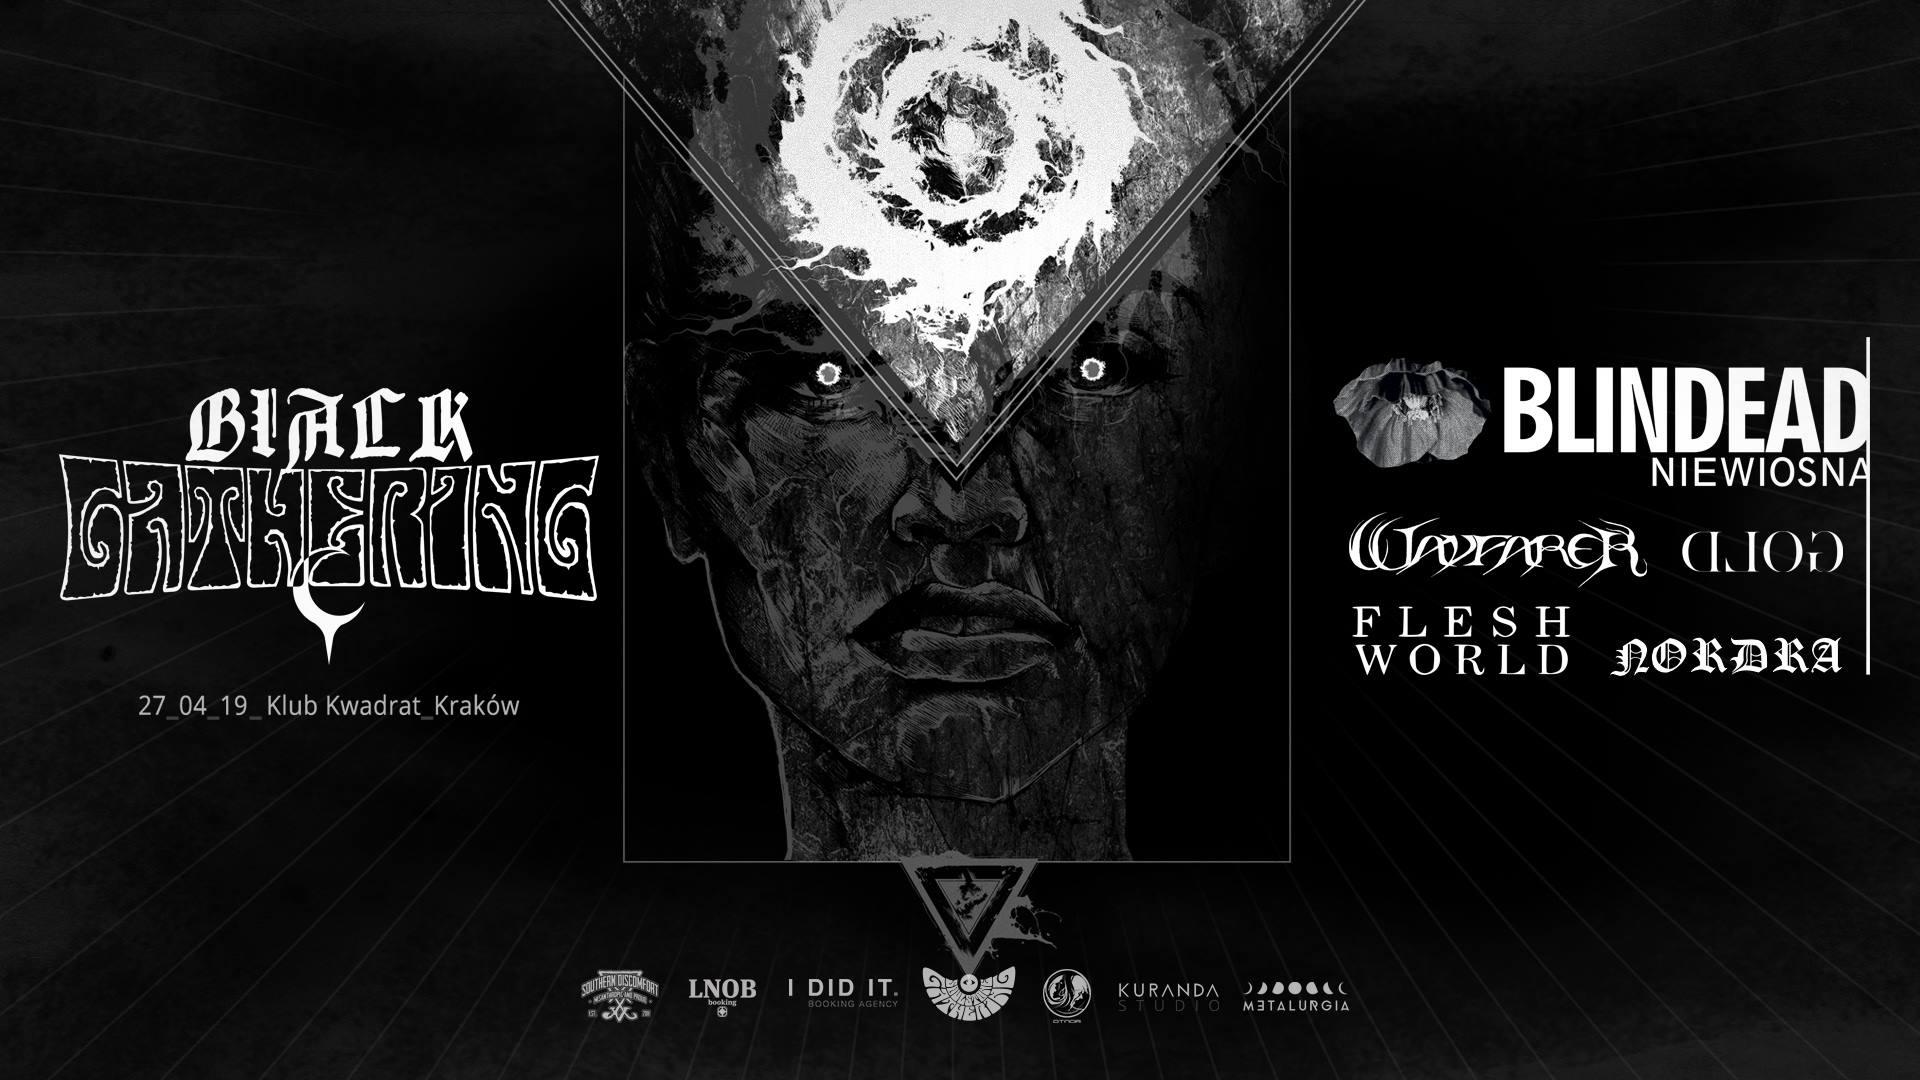 BG #1: Blindead / Wayfarer / GOLD / Fleshworld / Nordra